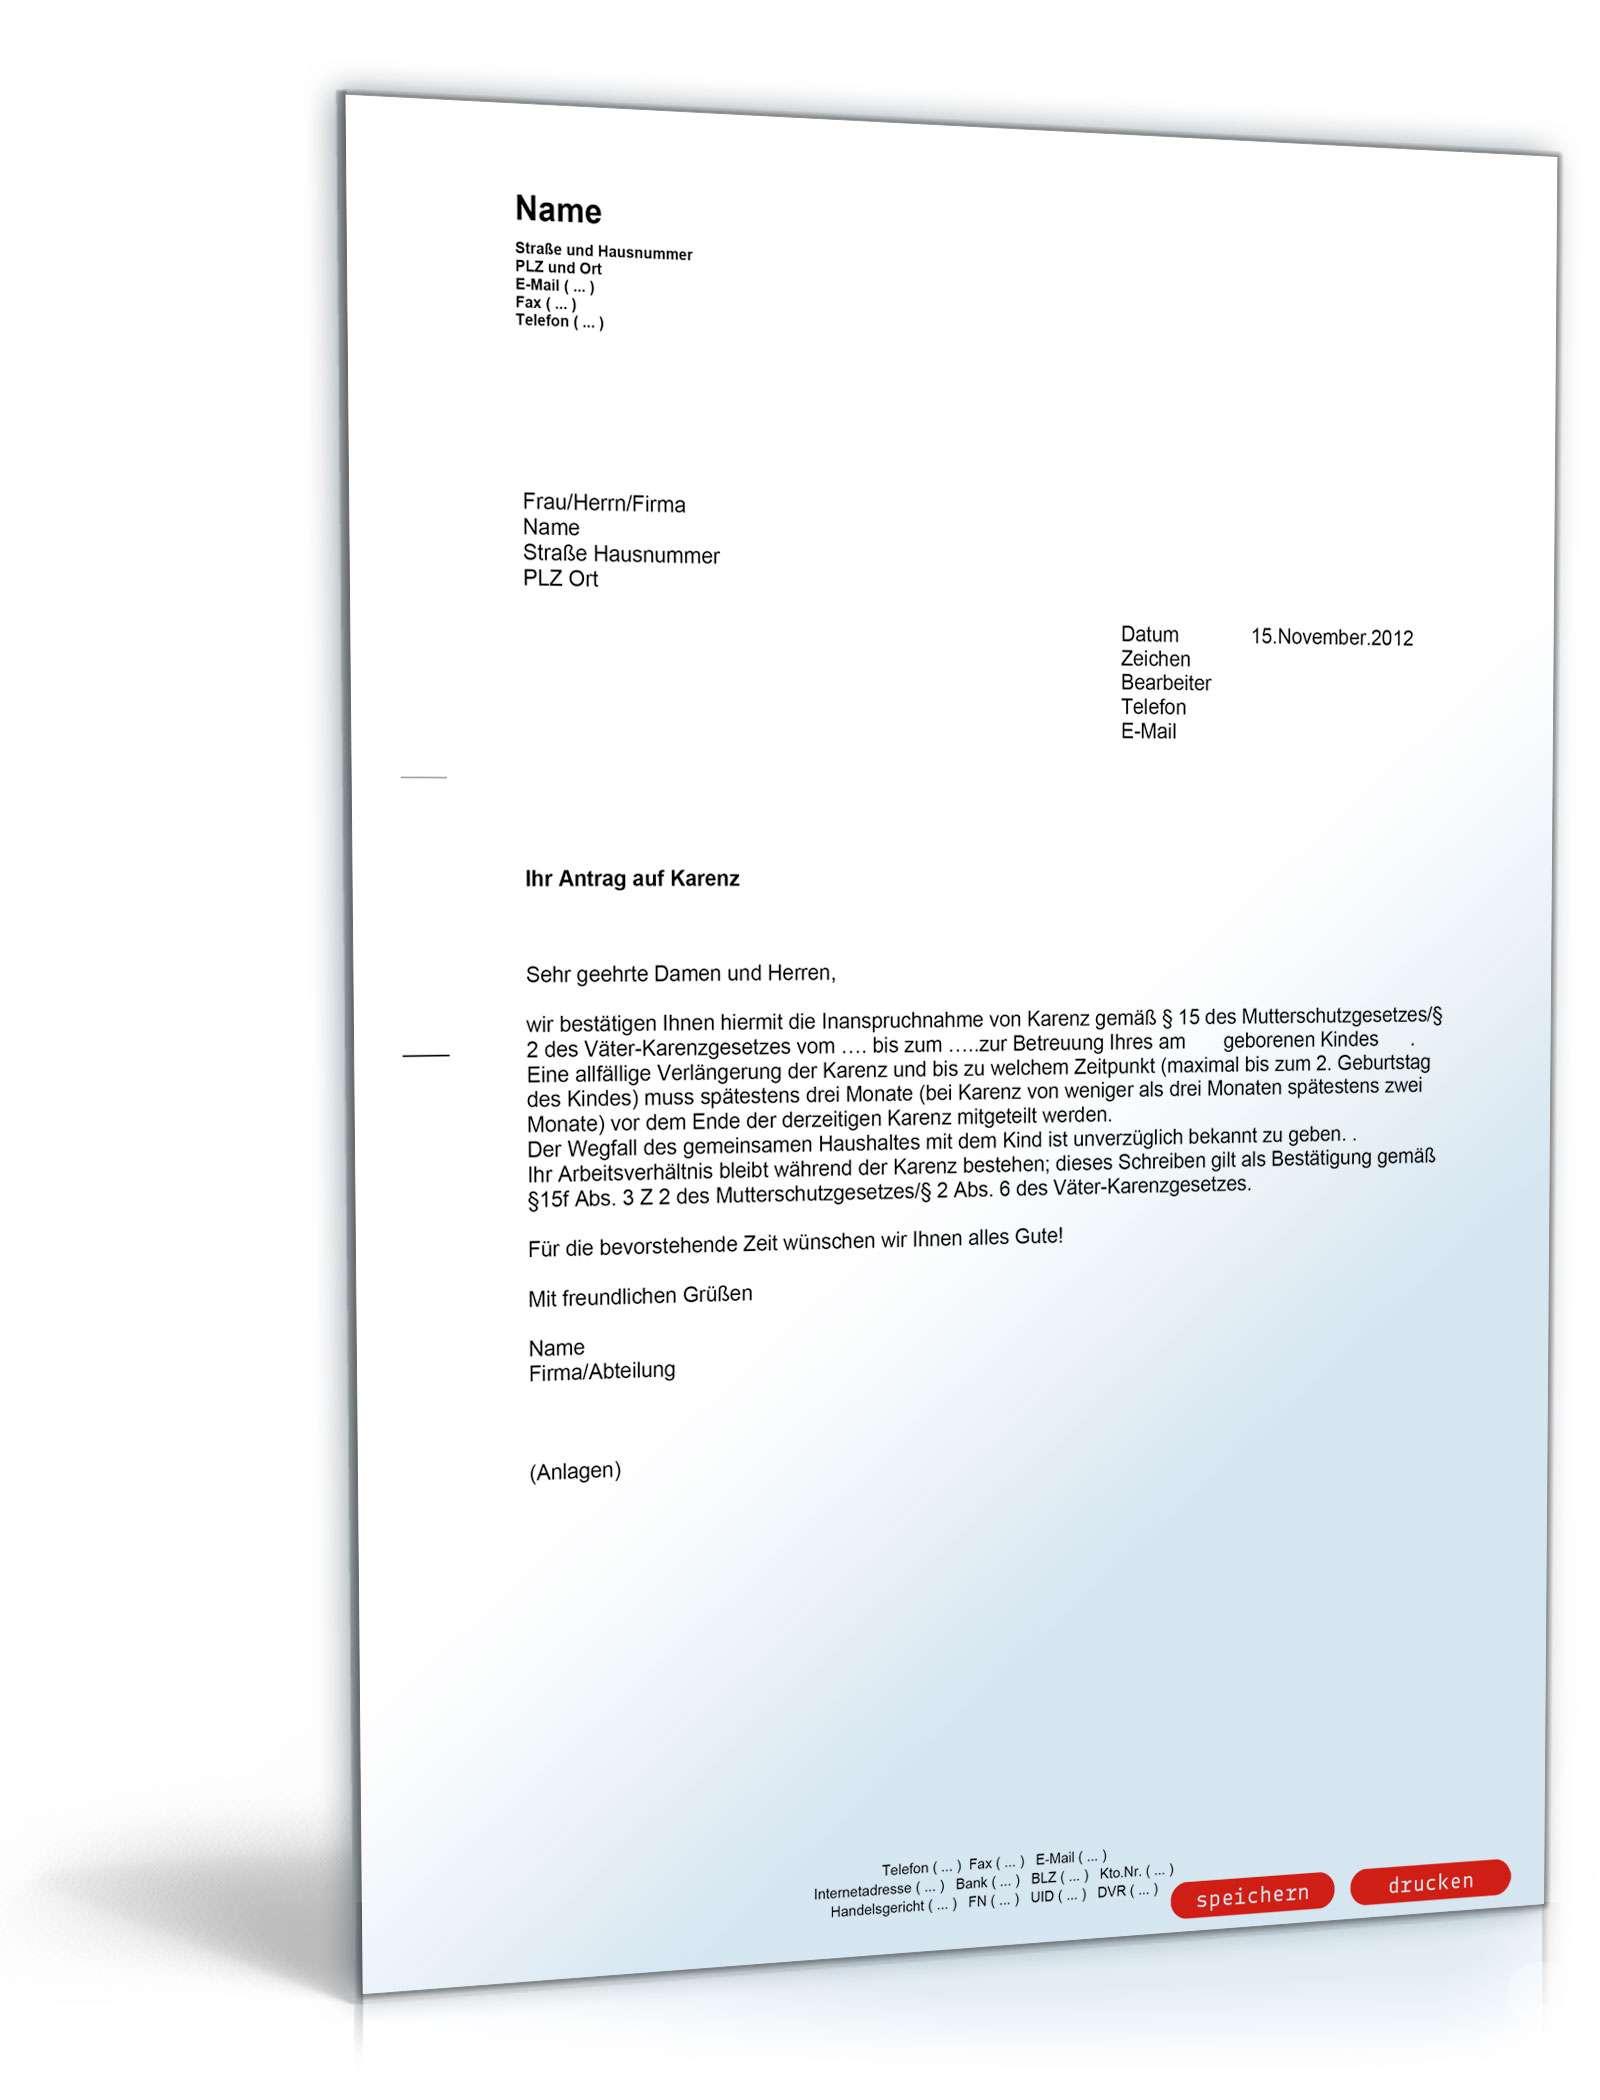 Arbeitsvertrage Muster Vorlagen Kostenlos